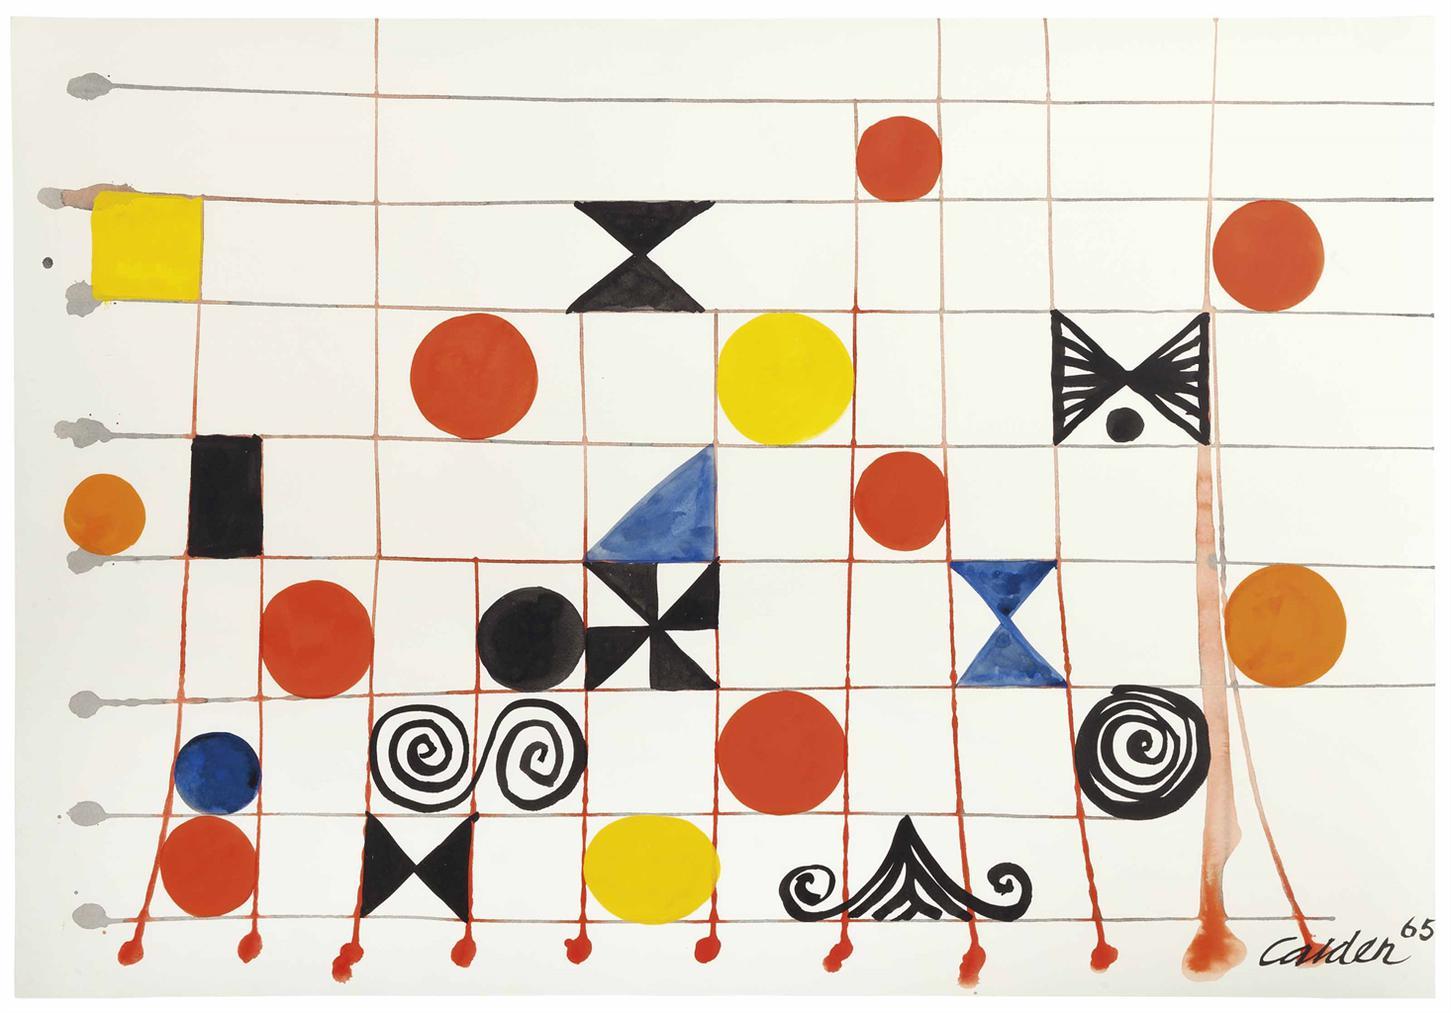 Alexander Calder-Boxed-1965